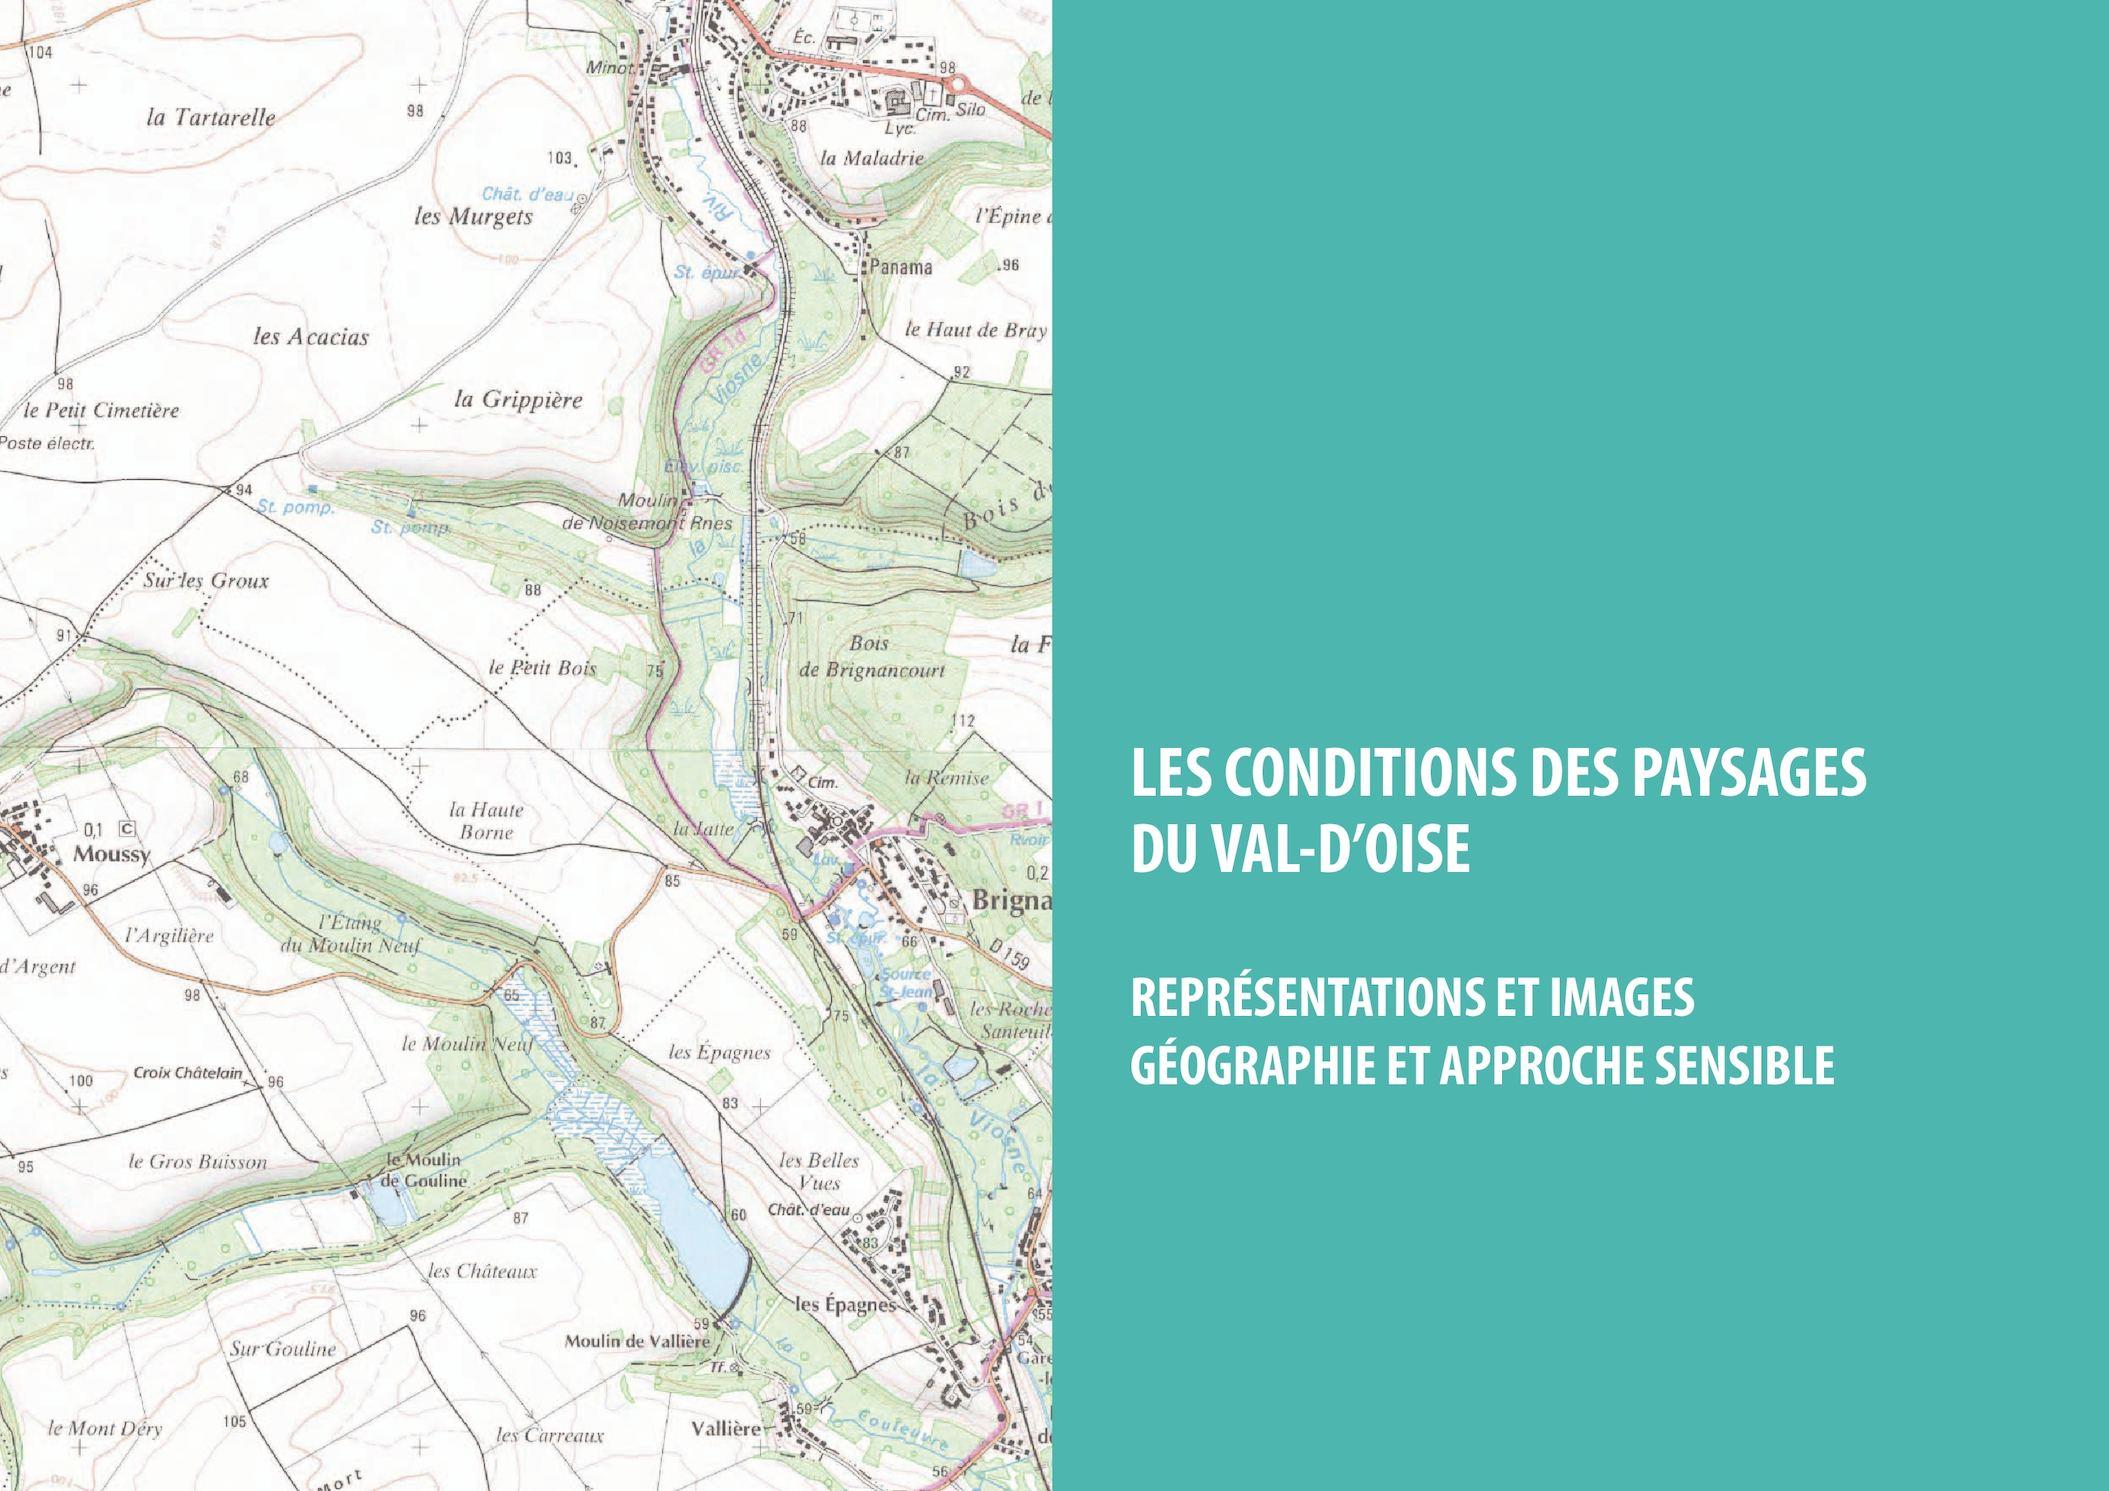 Horticulteur Val D Oise calaméo - atlas des paysages i les conditions des paysages